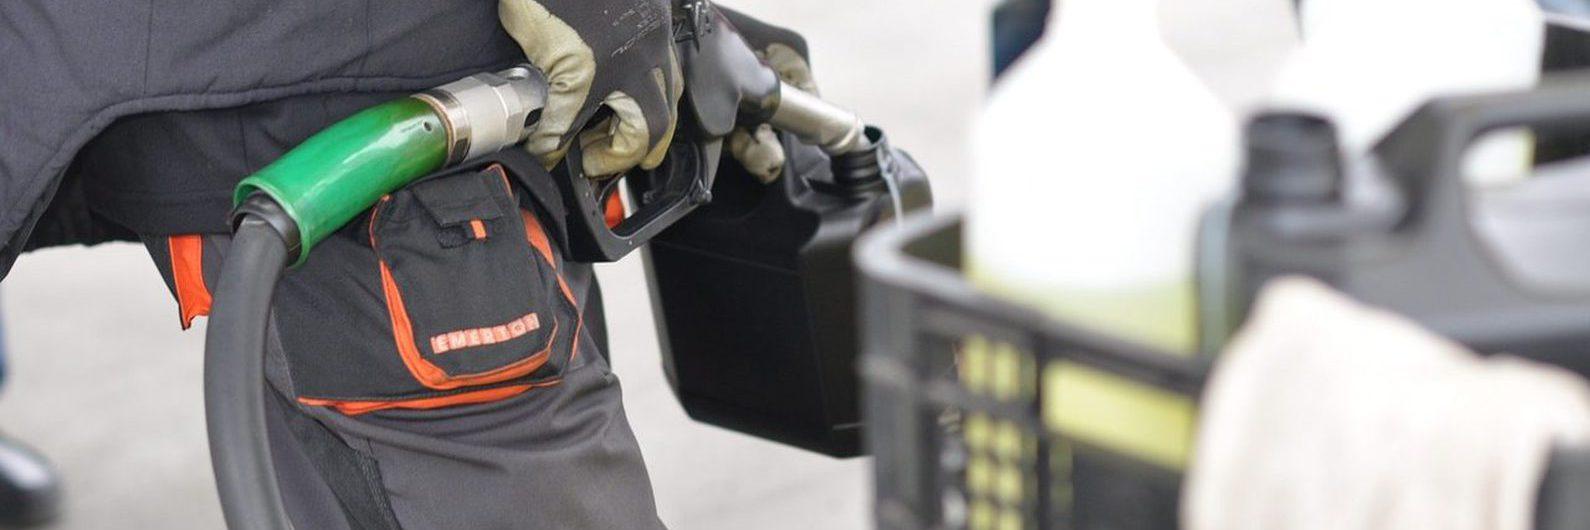 Um em cada quatro litros de gasóleo vindo de Espanha não é declarado, diz a Apetro